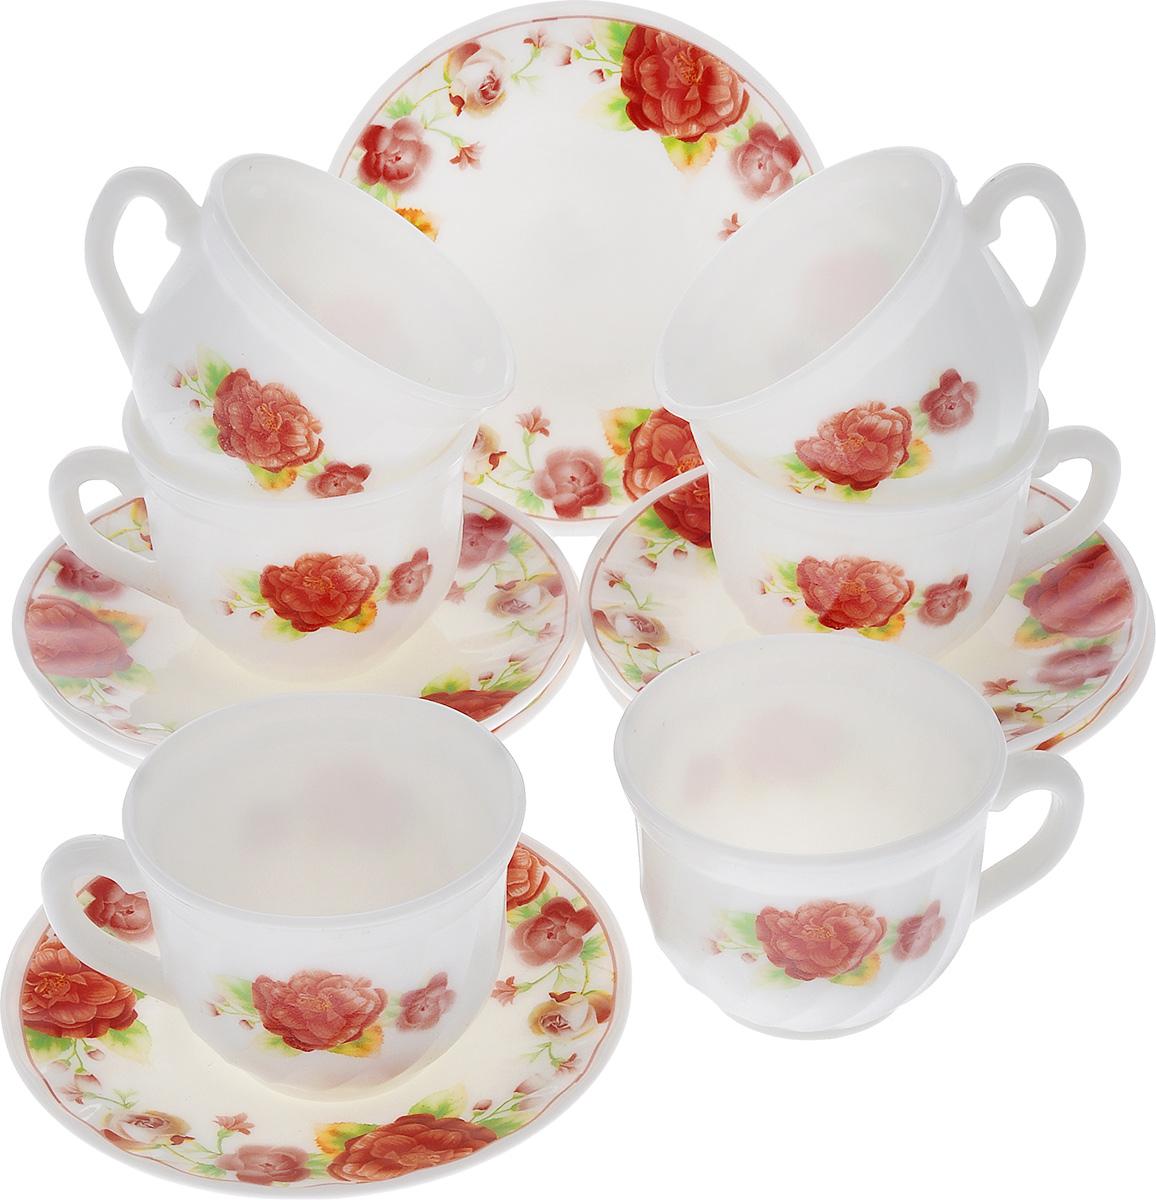 Набор чайный Miolla Камелия, цвет: белый, красный, 12 предметовXWB190/HP55-6A/6617Набор чайный Miolla Камелия состоит из шести чашек и шести блюдец. Предметы набора изготовлены из высококачественной стеклокерамики и оформлены цветочным рисунком. Чайный набор яркого и в тоже время лаконичного дизайна украсит интерьер кухни и сделает ежедневное чаепитие настоящим праздником. Можно мыть в посудомоечной машине и использовать в микроволновой печи. Диаметр чашек (по верхнему краю): 8,5 см. Высота чашек: 6,5 см. Объем чашек: 250 мл. Диаметр блюдец: 14 см. Высота блюдец: 1,5 см.